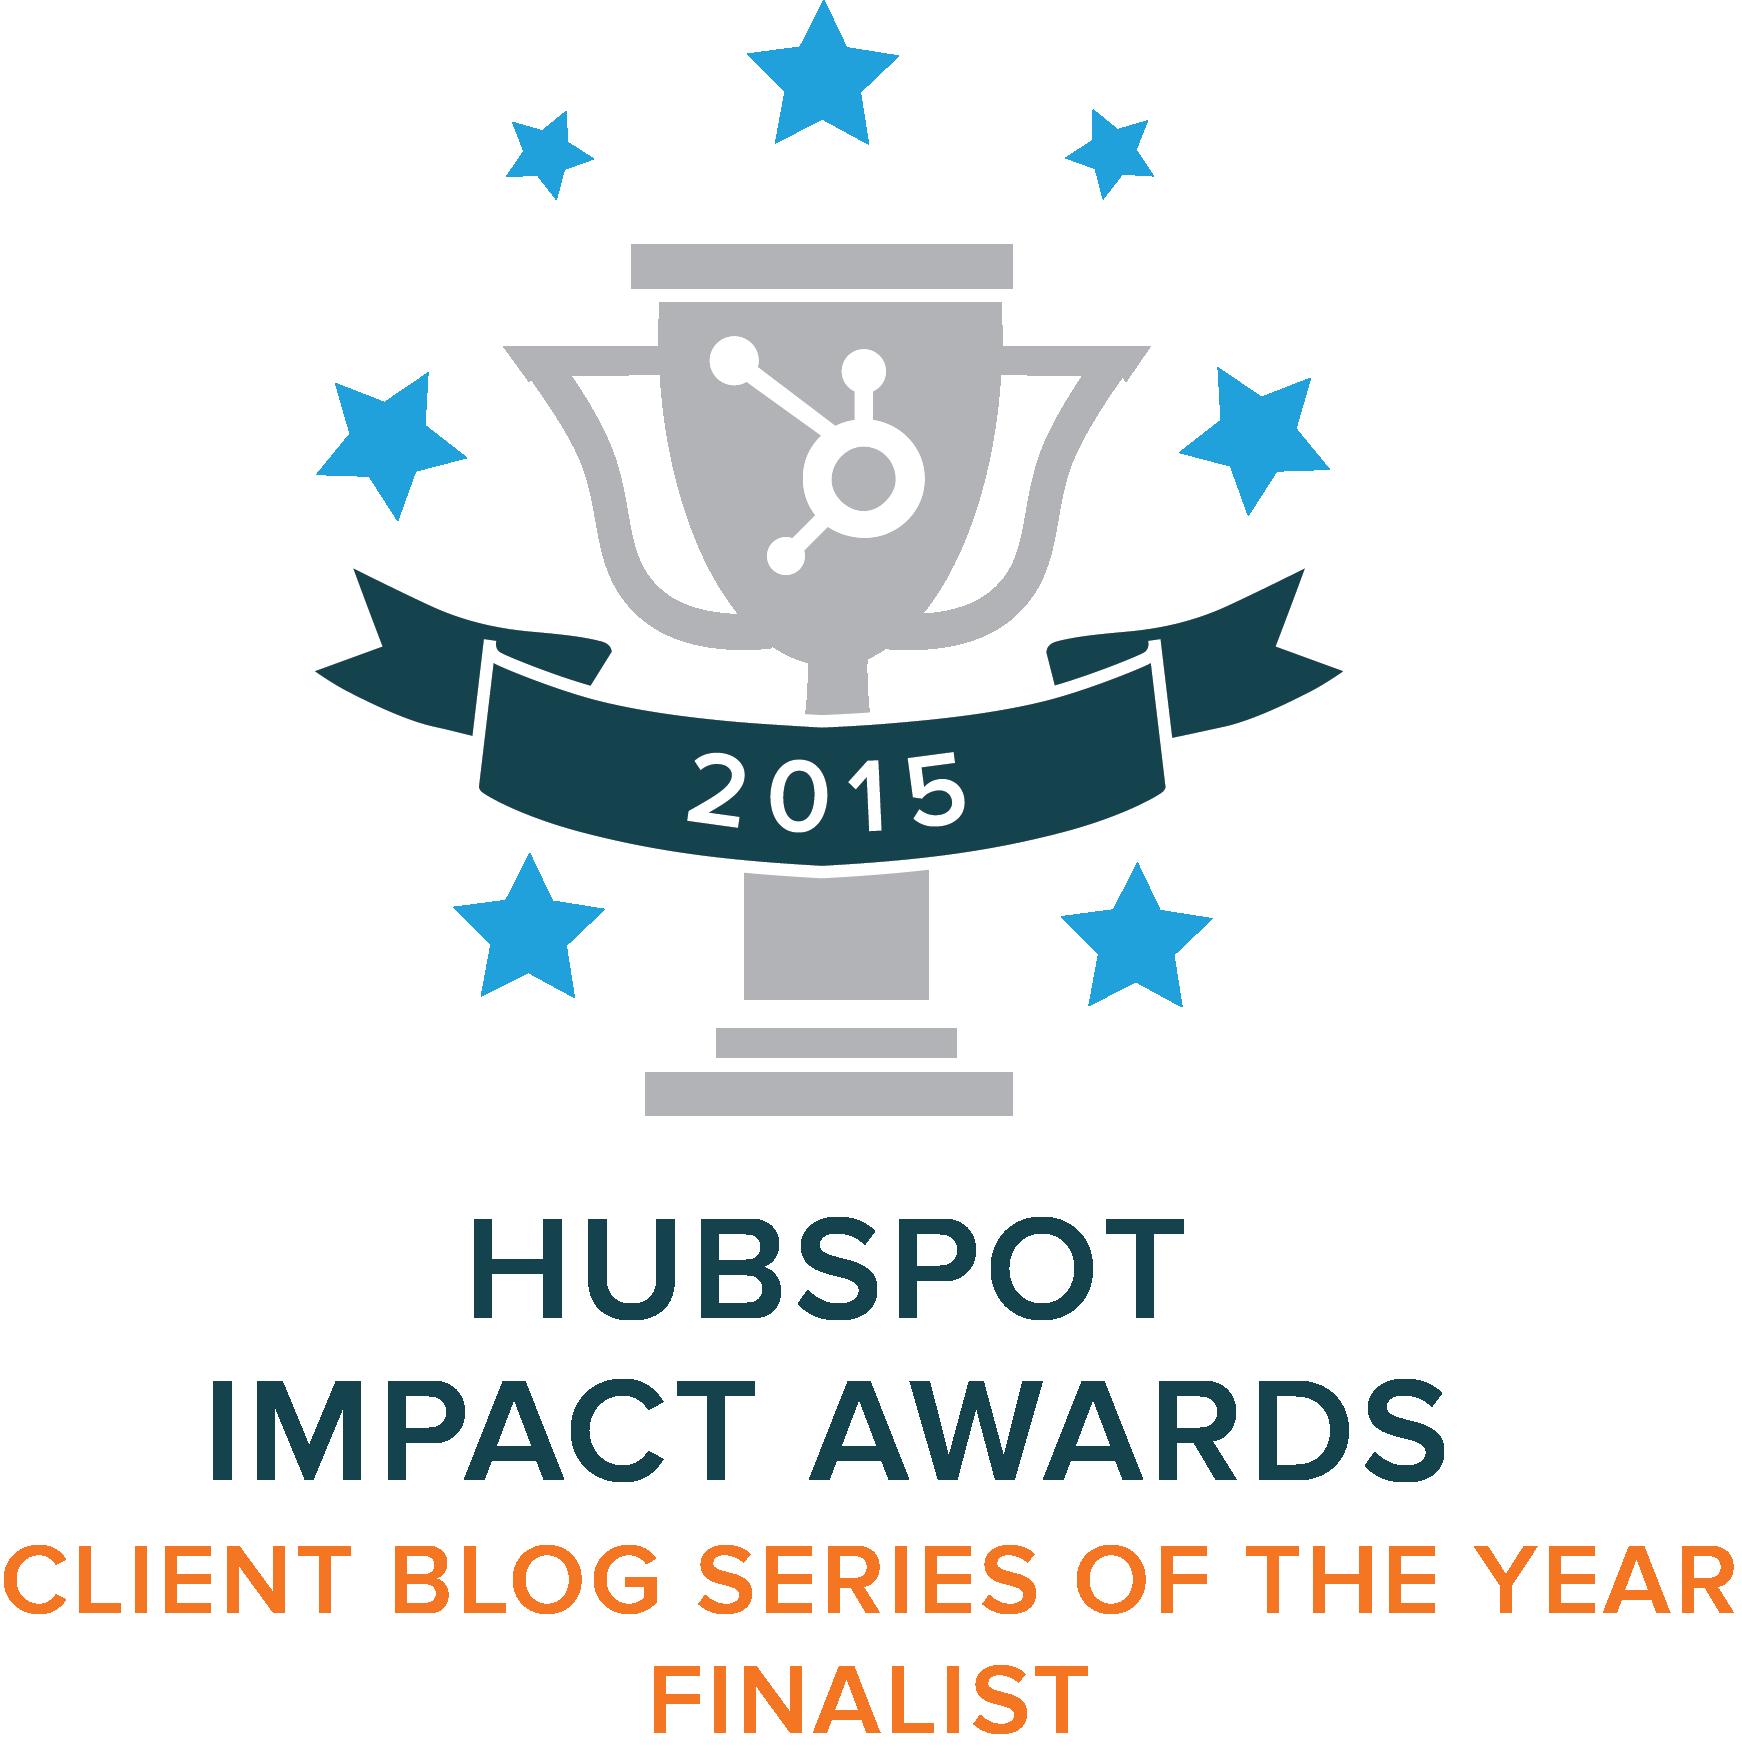 Hubspot's Impact Awards Finalist